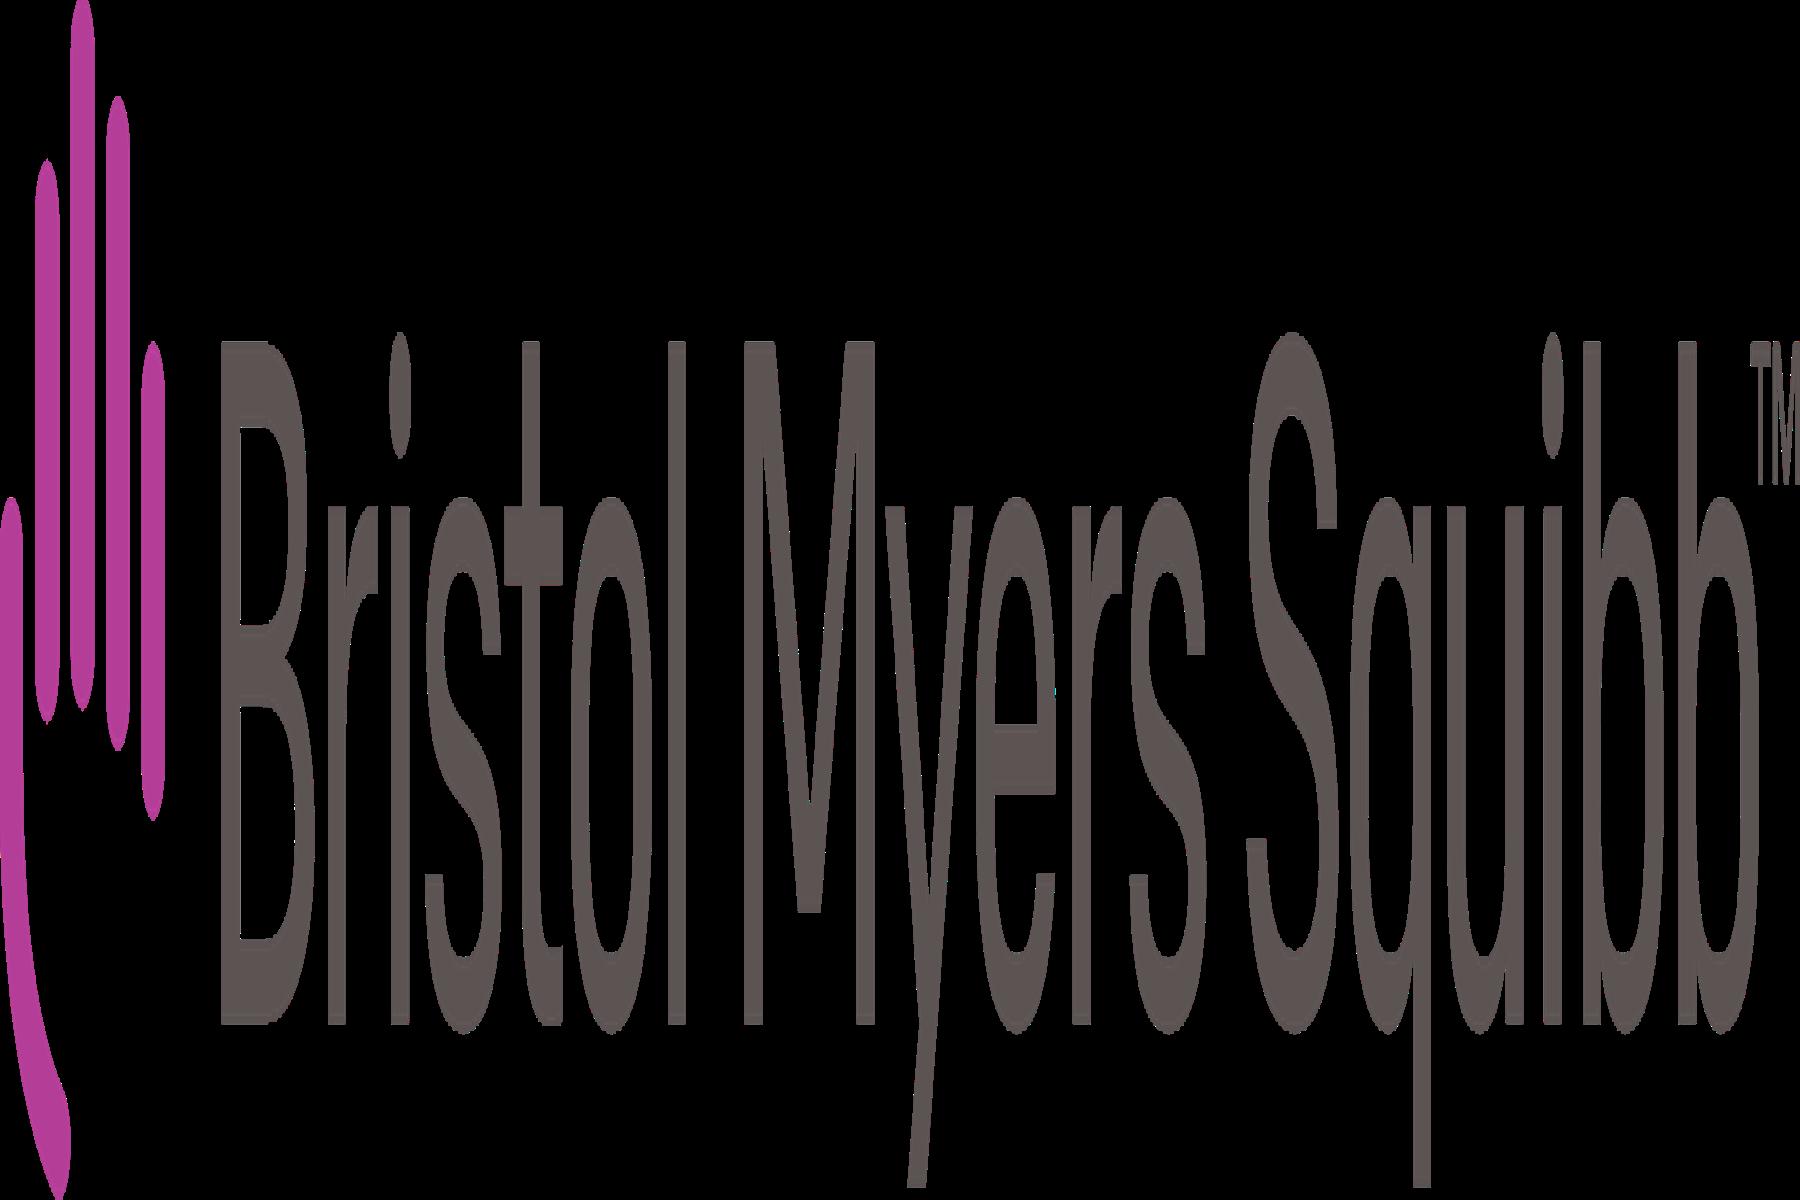 Bristol Myers Squibb :  Διάκριση για την θετική συνεισφορά της στην οικονομία